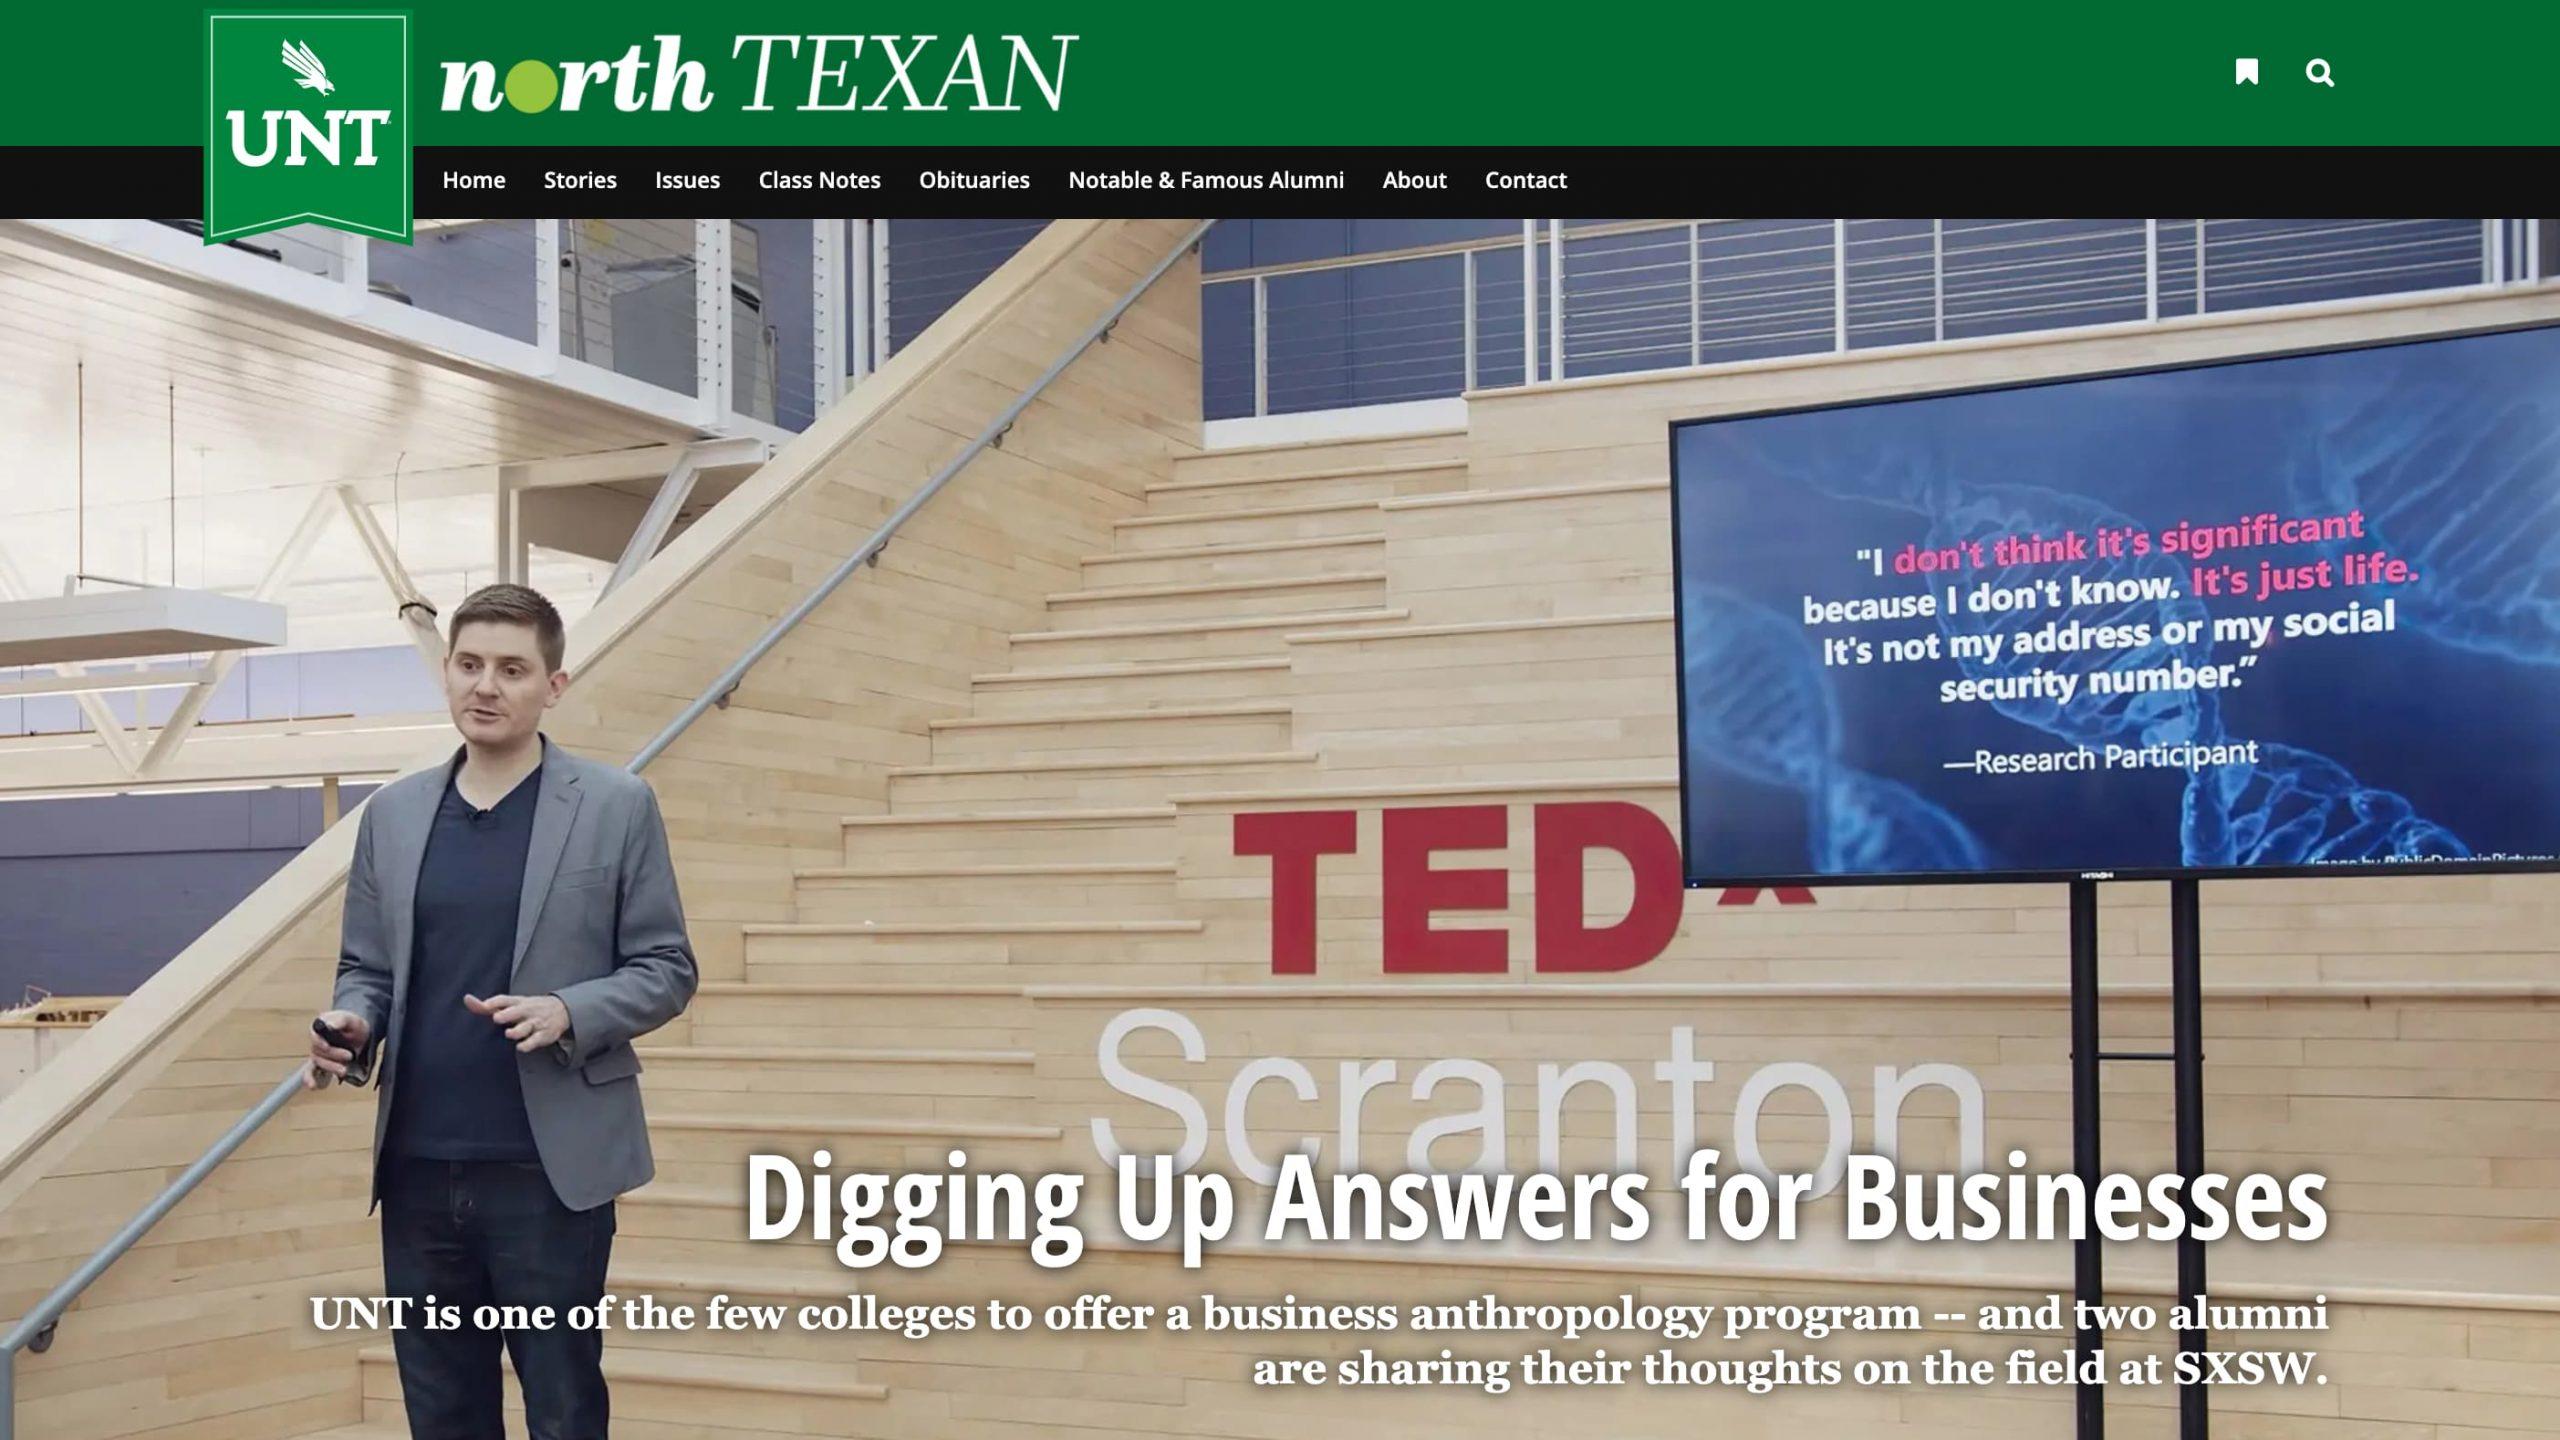 Matt Artz Featured in the UNT North Texan